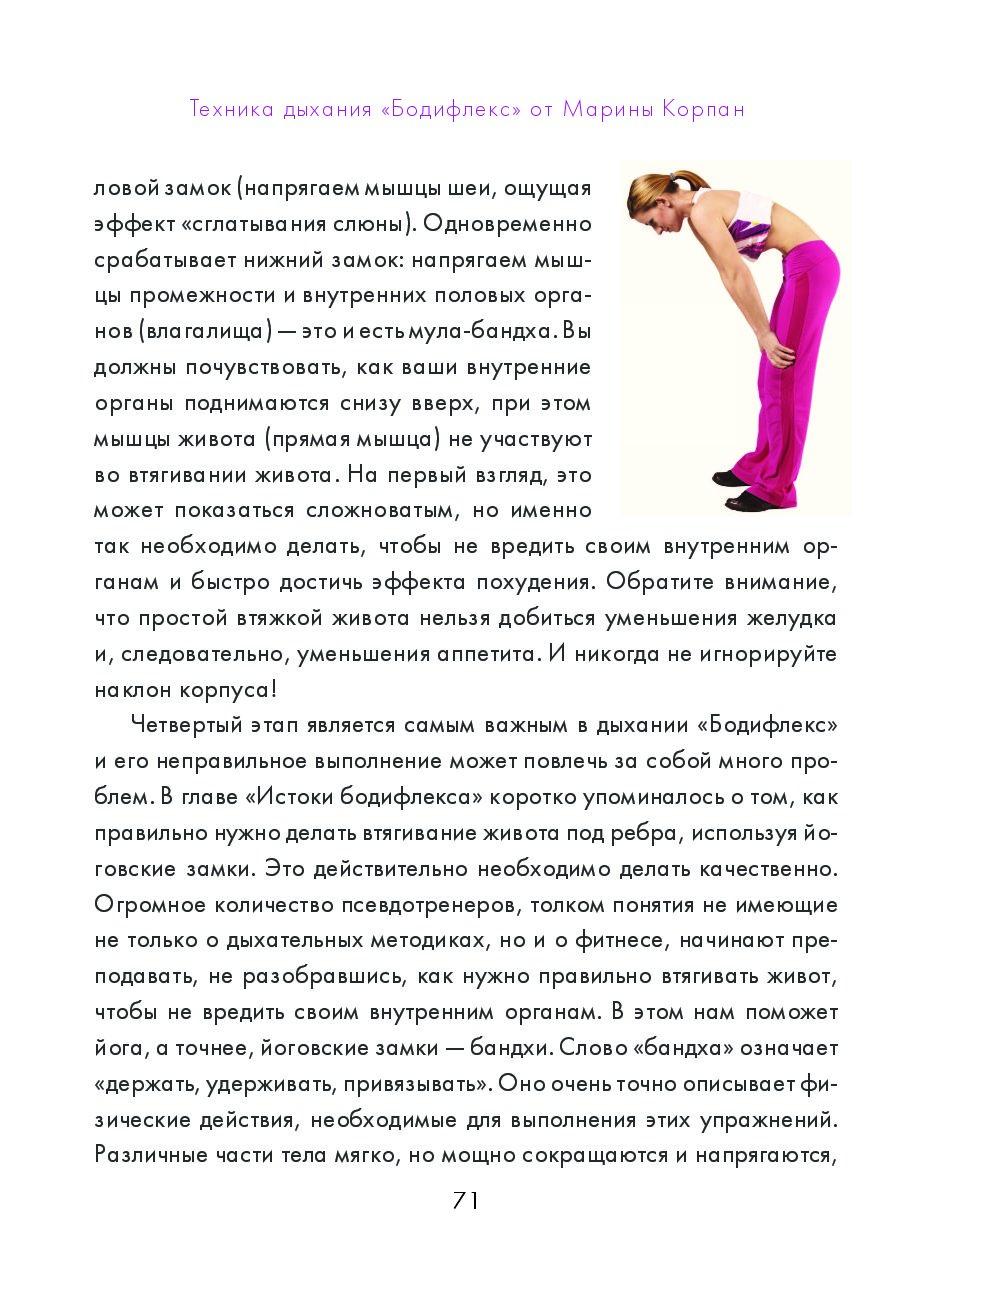 Методика Похудения Дыханием.